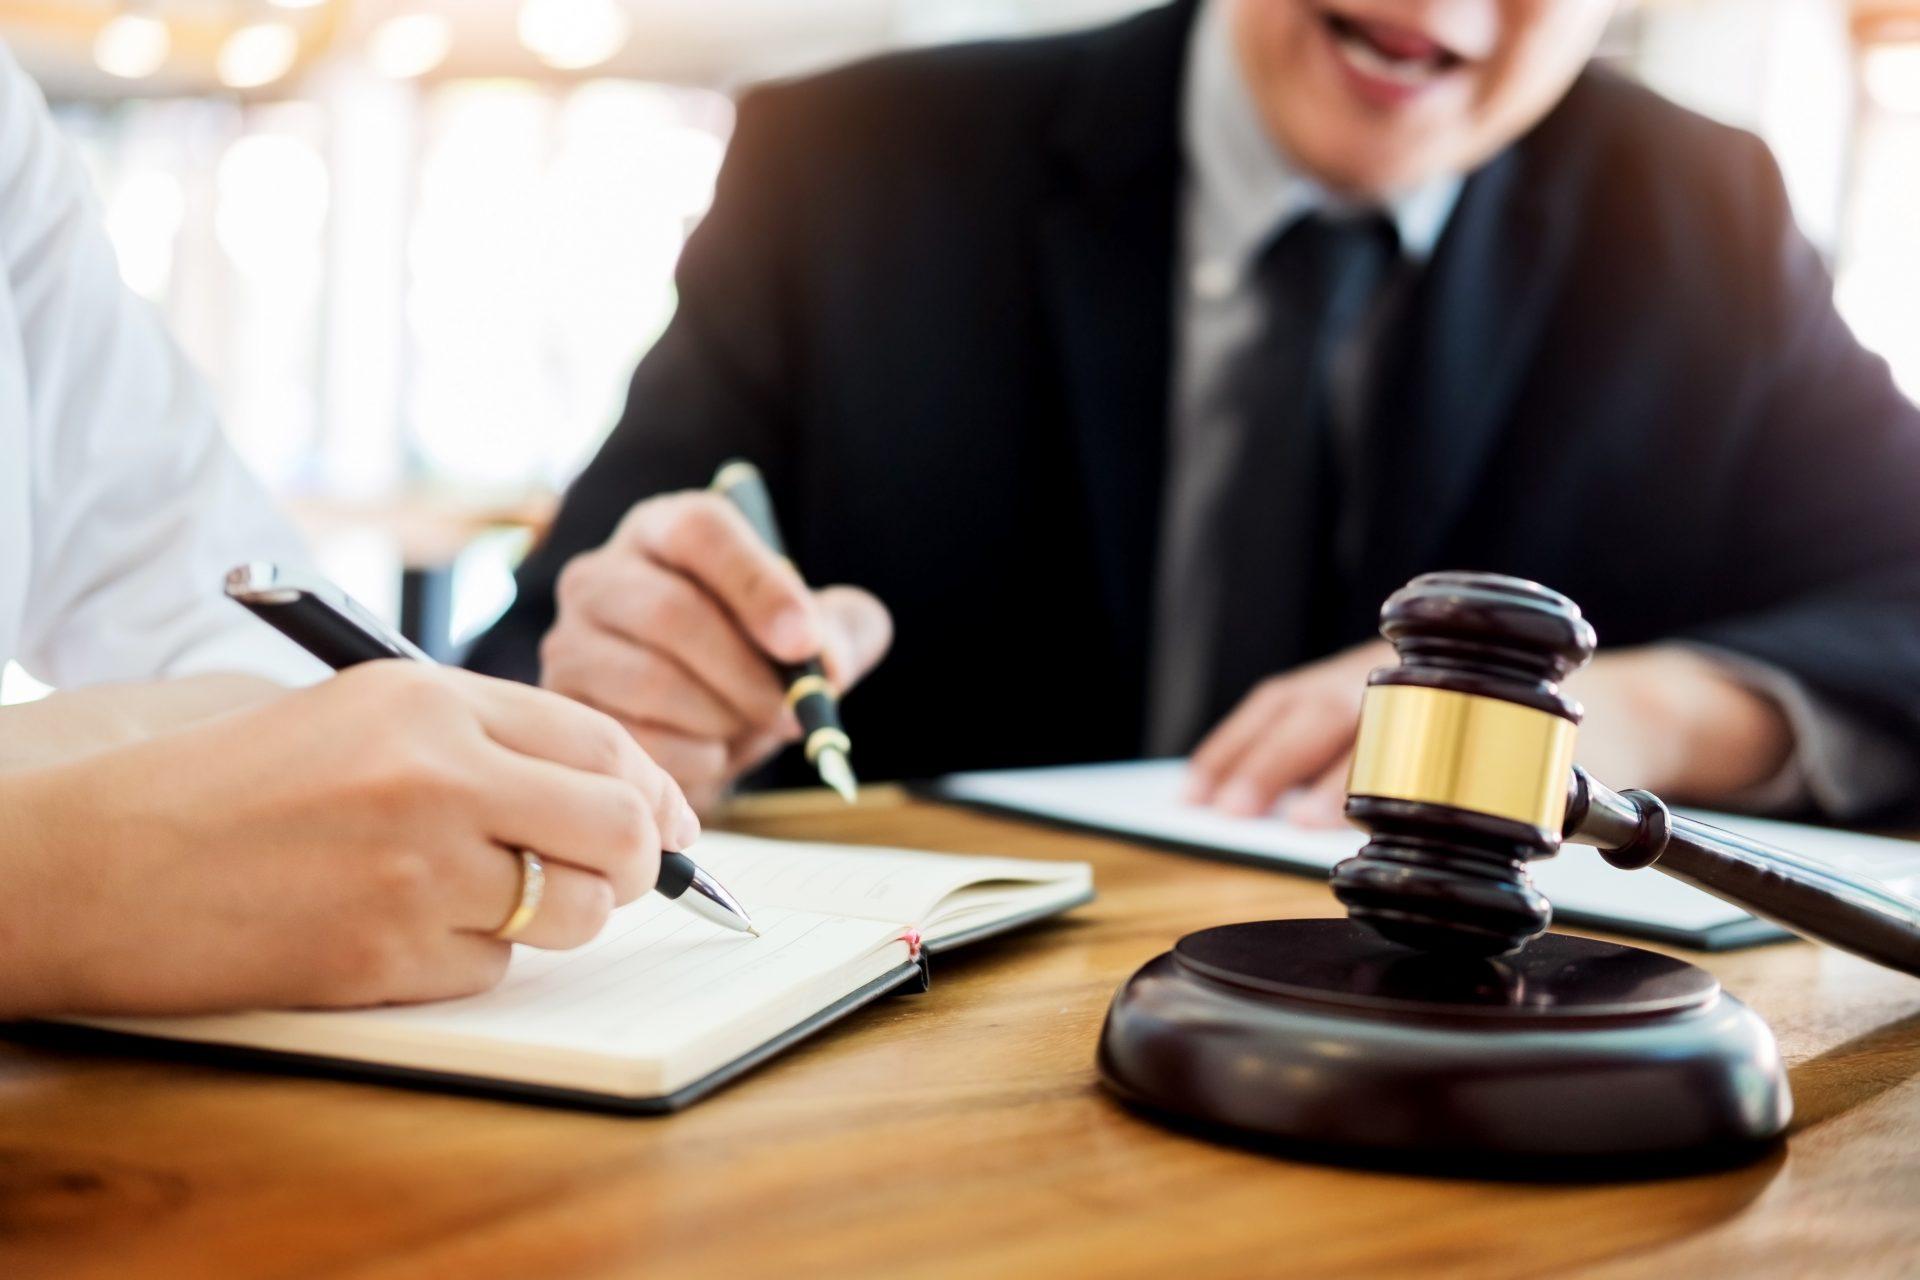 עורכי דין בהרצליה. (Shutterstock) צילום: Indypendenz